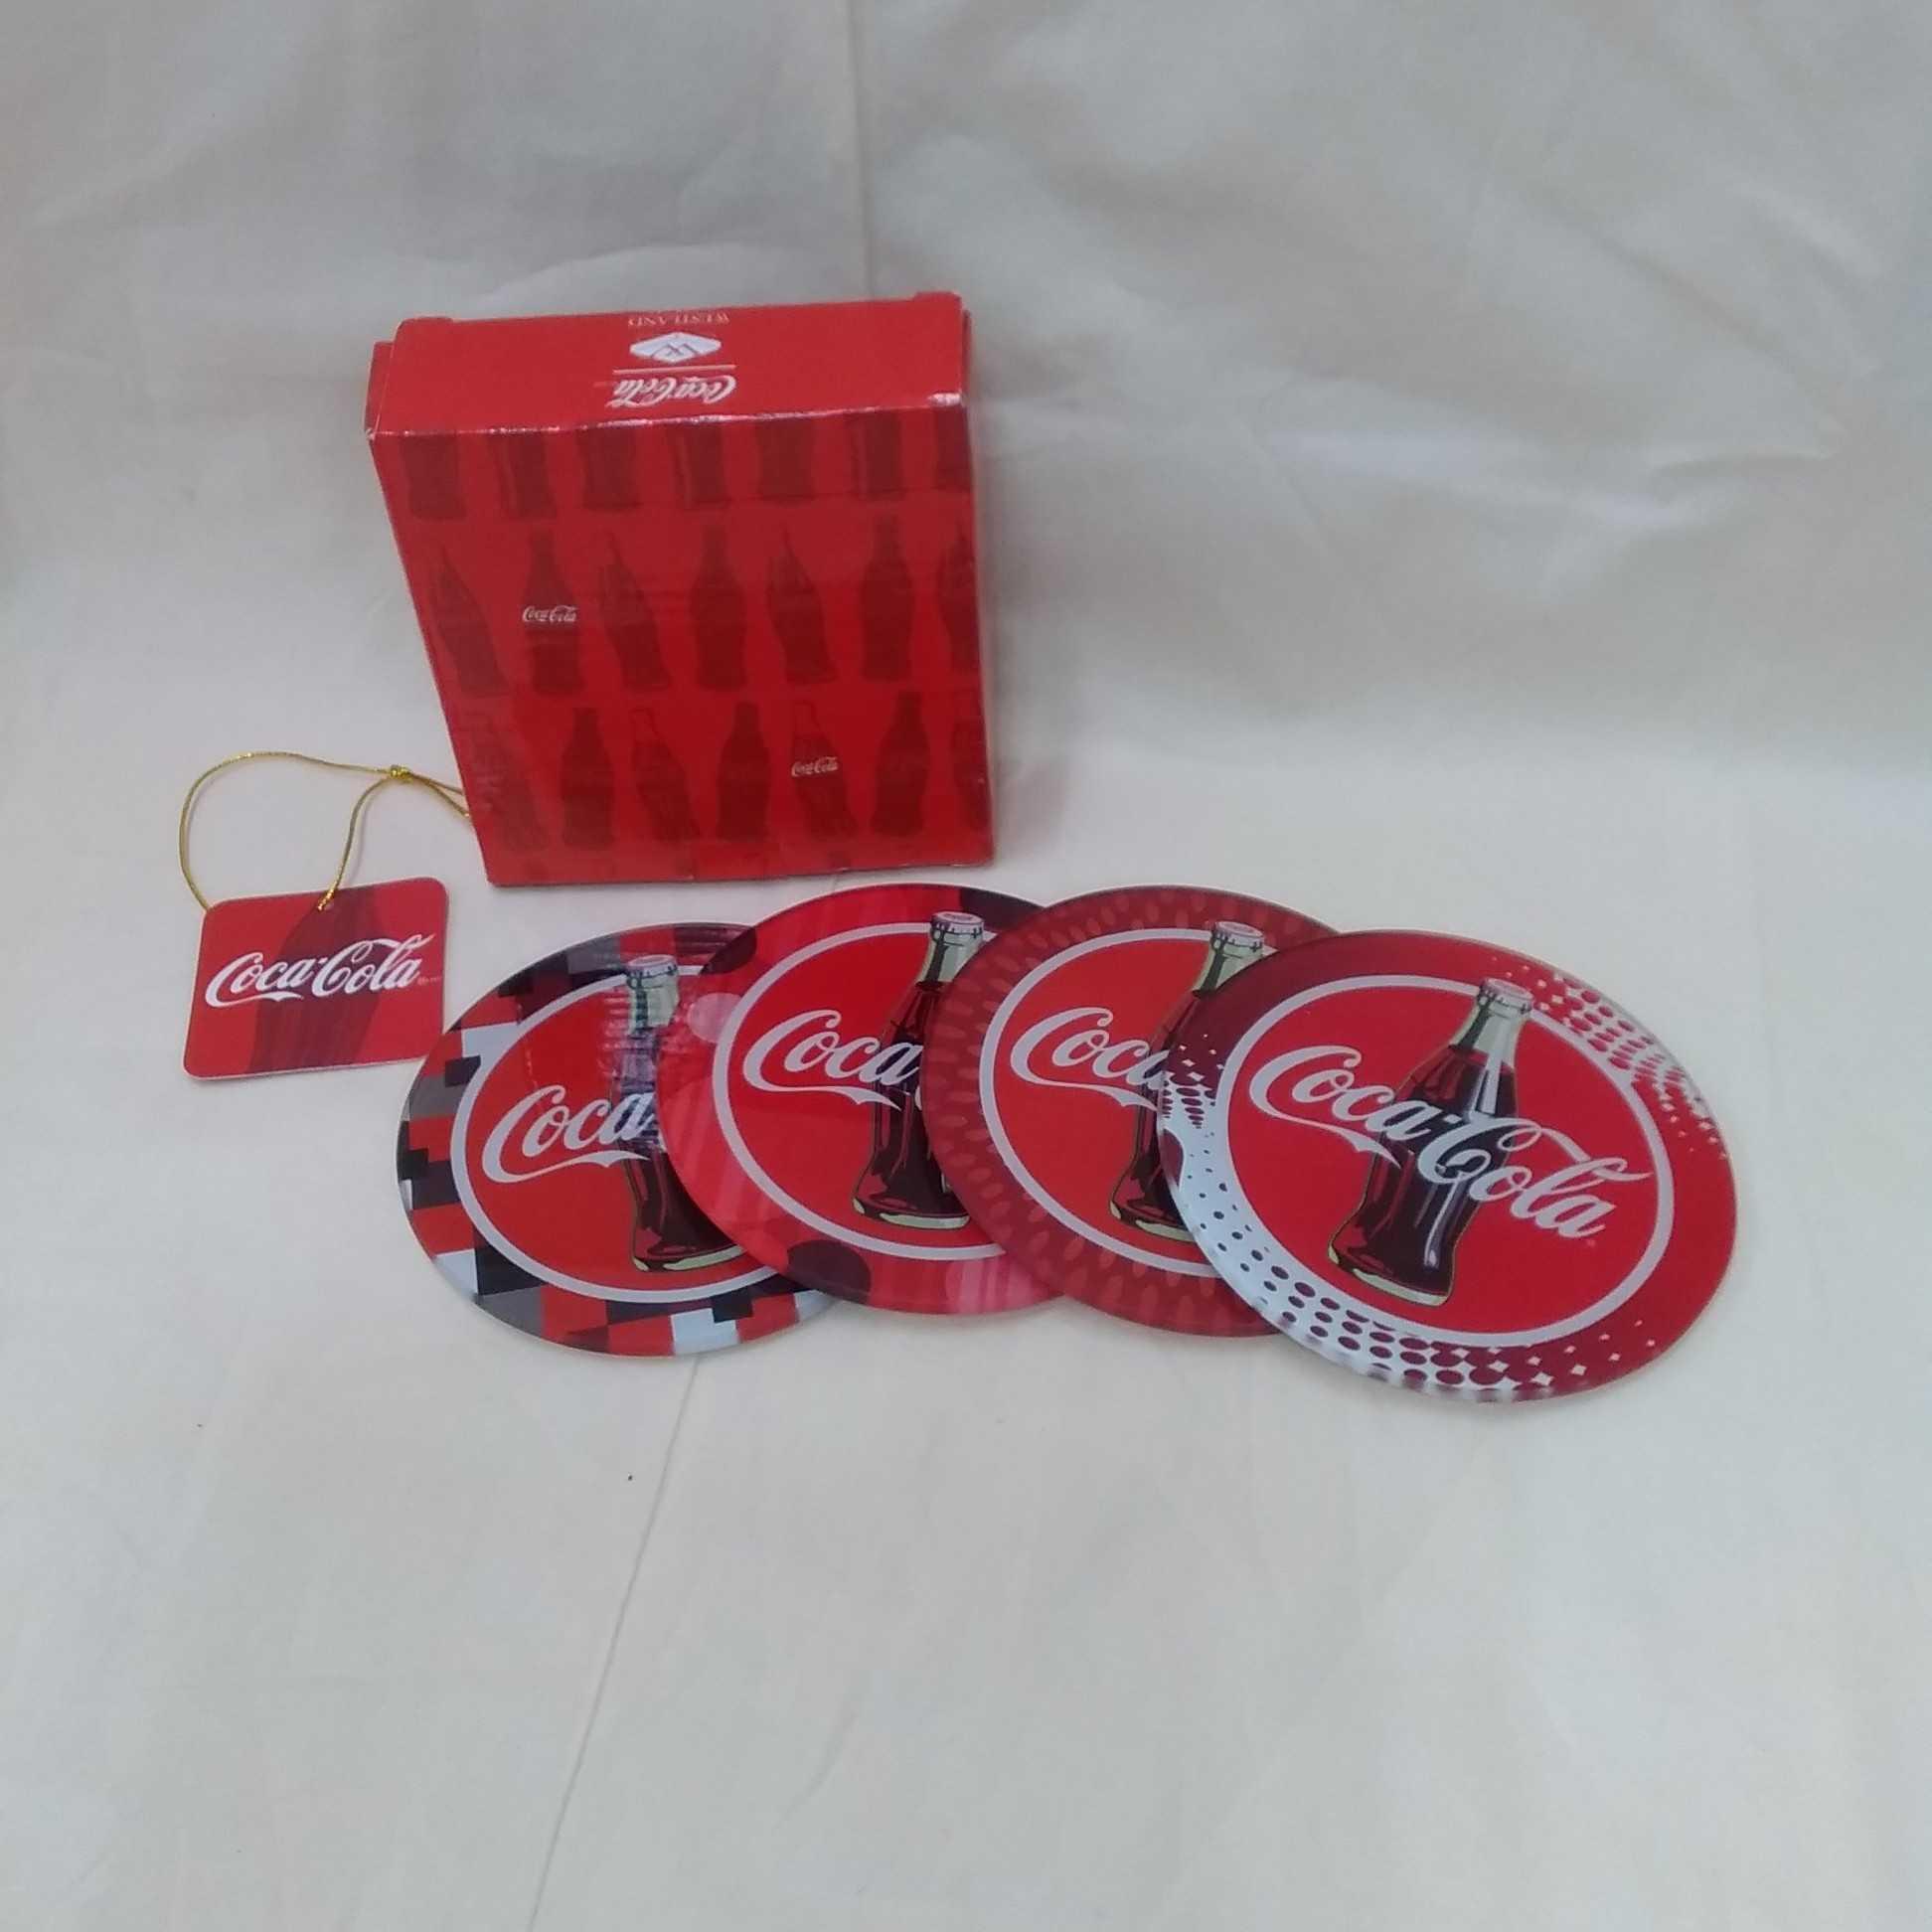 コースター 4枚セット|コカ・コーラ